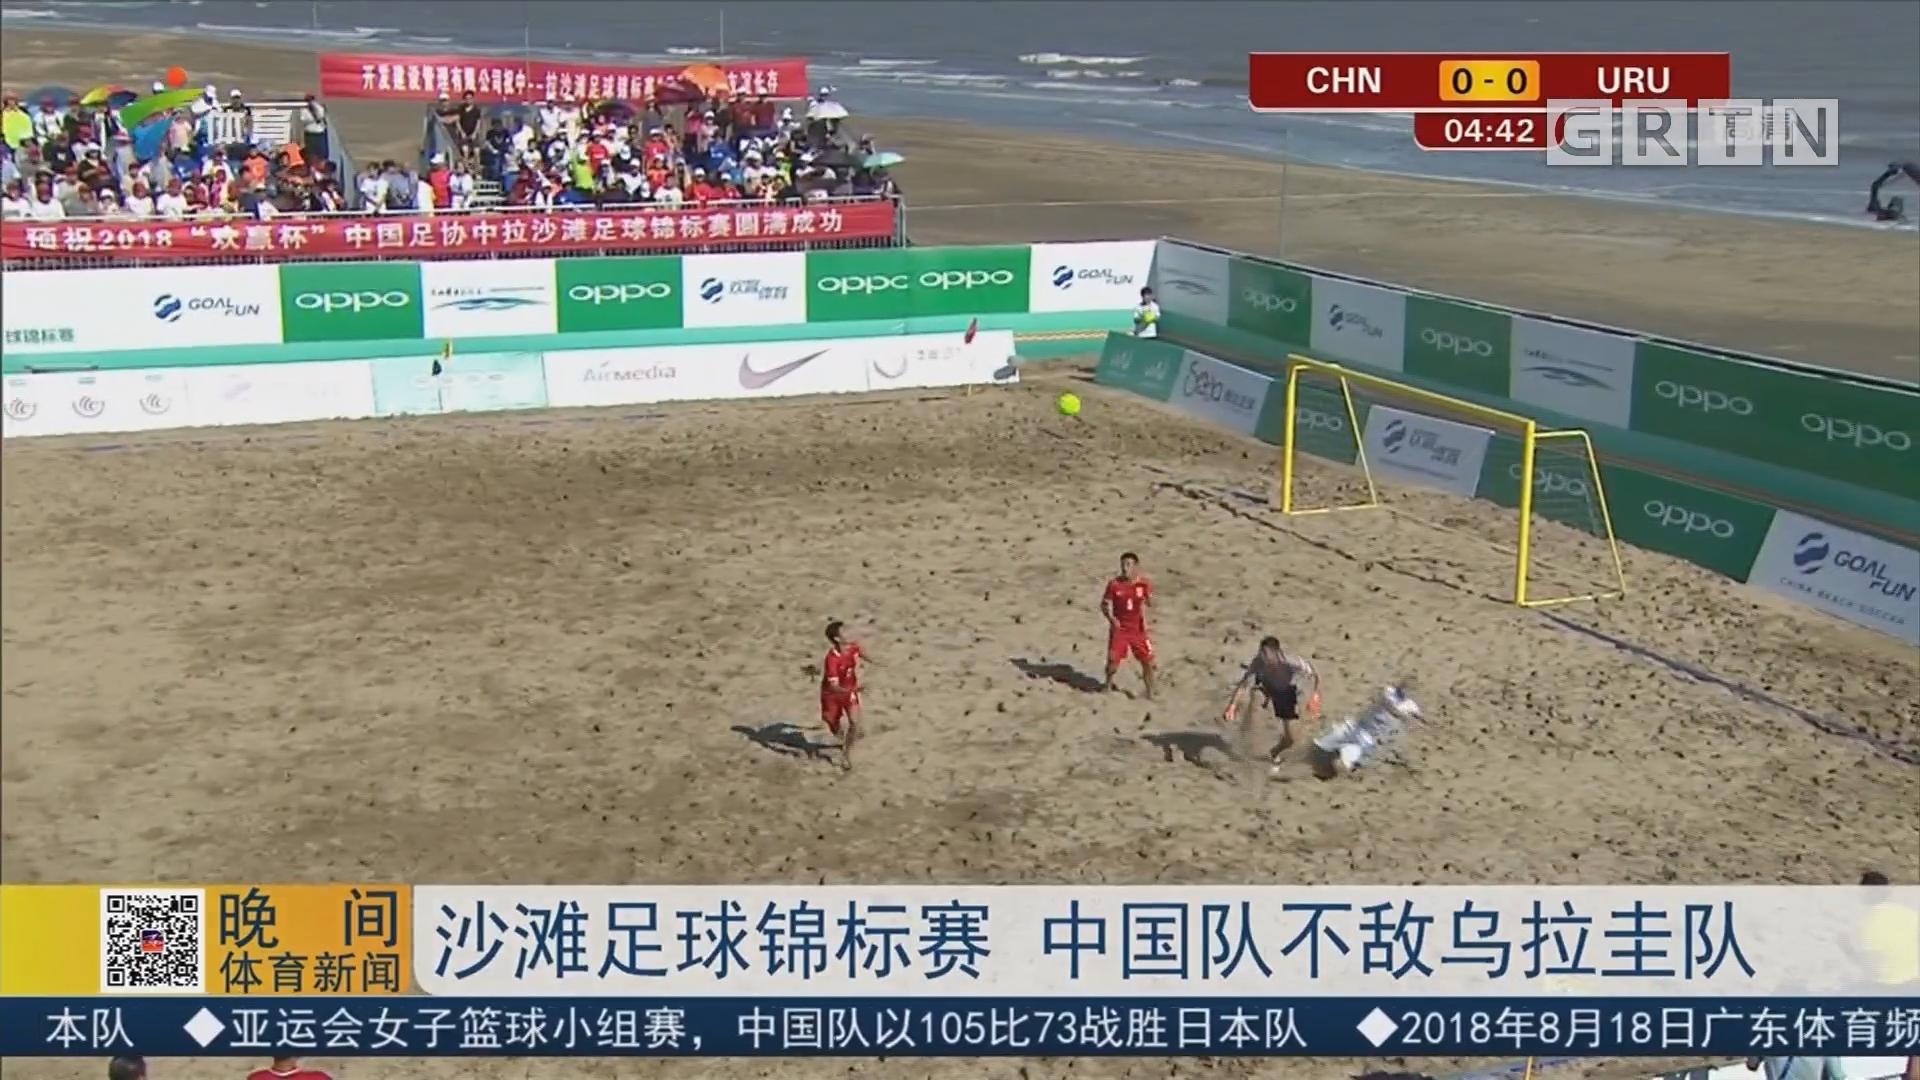 沙滩足球锦标赛 中国队不敌乌拉圭队